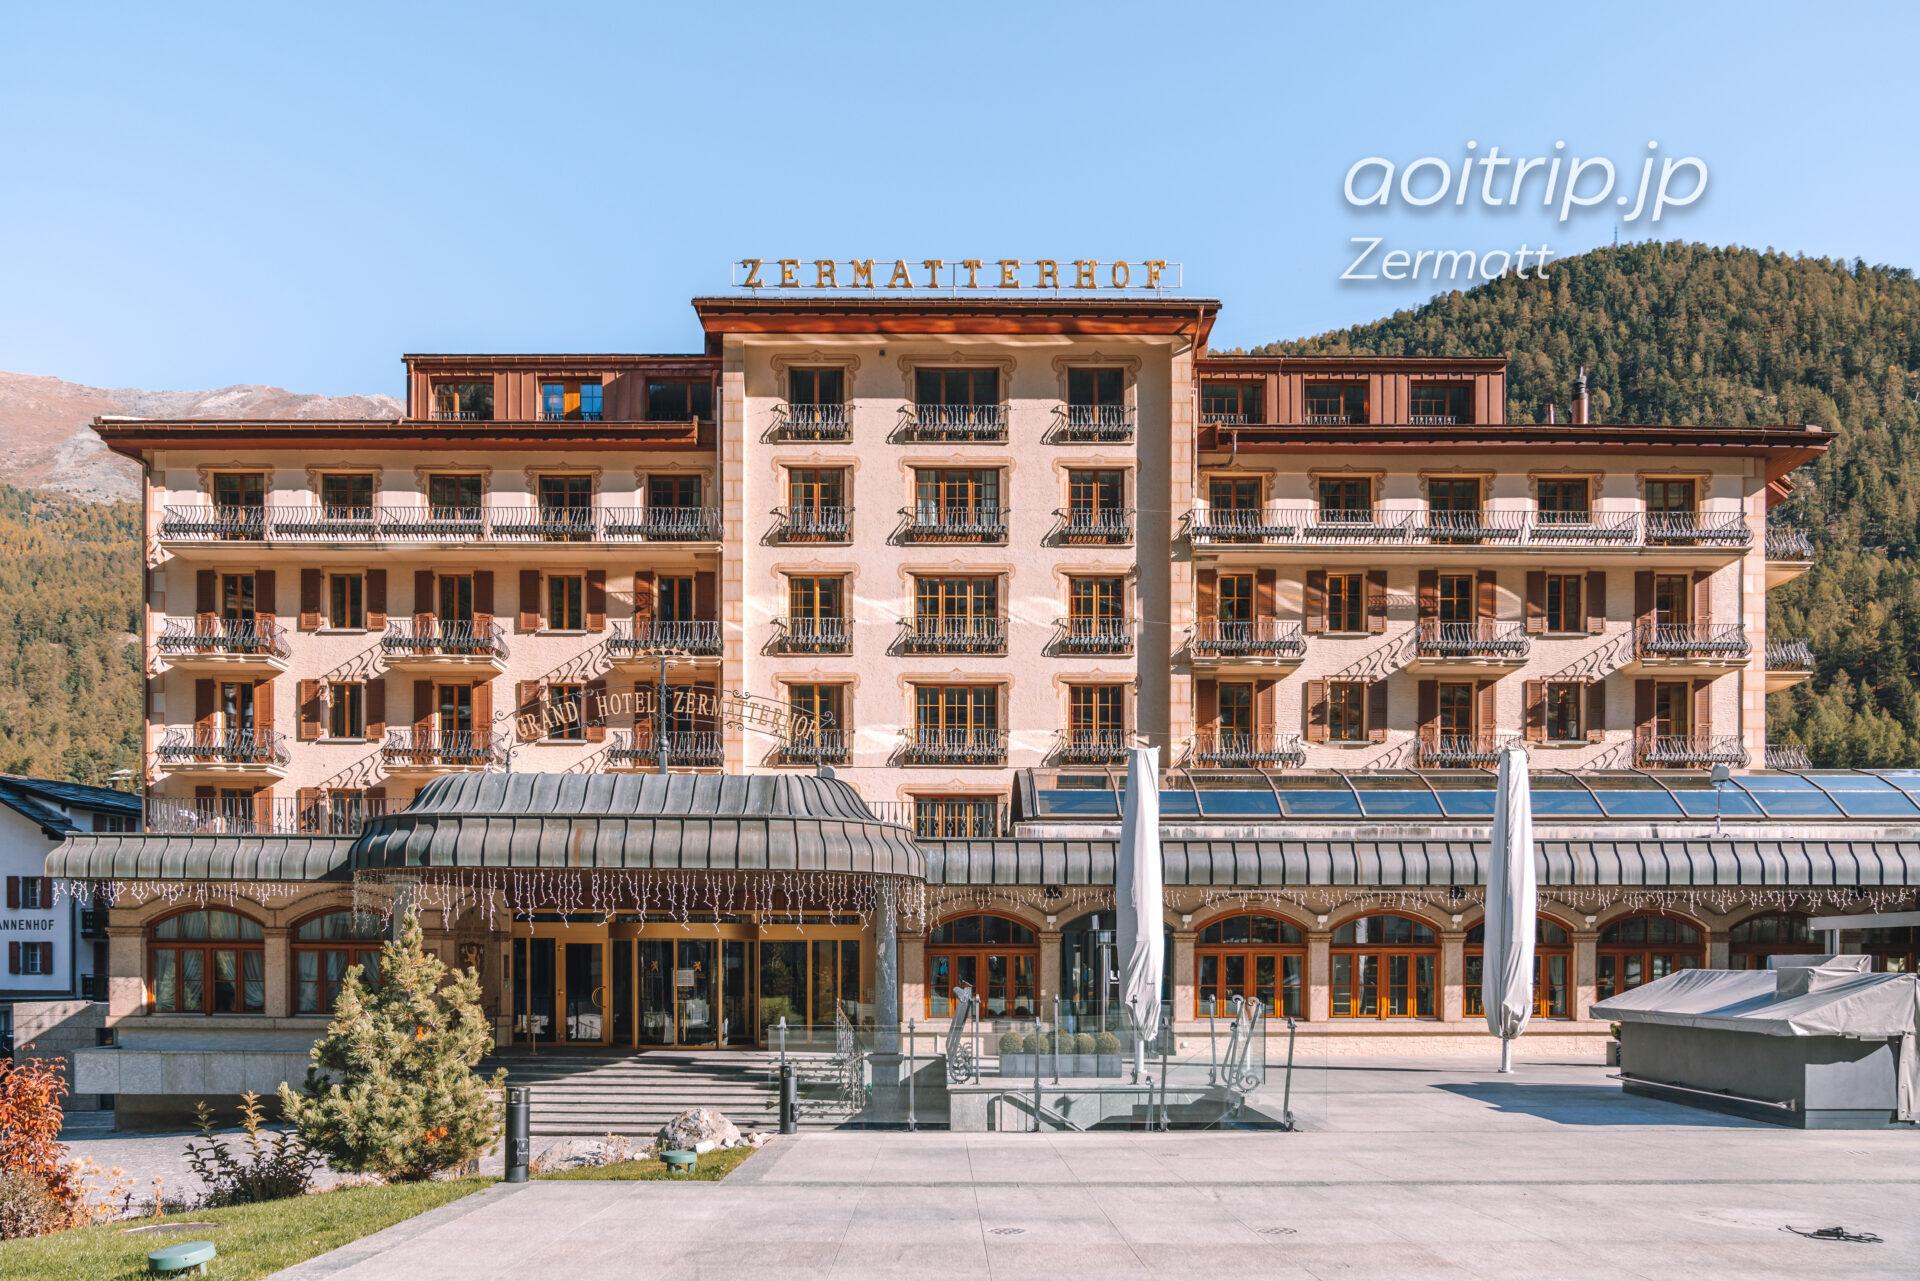 グランド ホテル ツェルマッターホフの外観写真